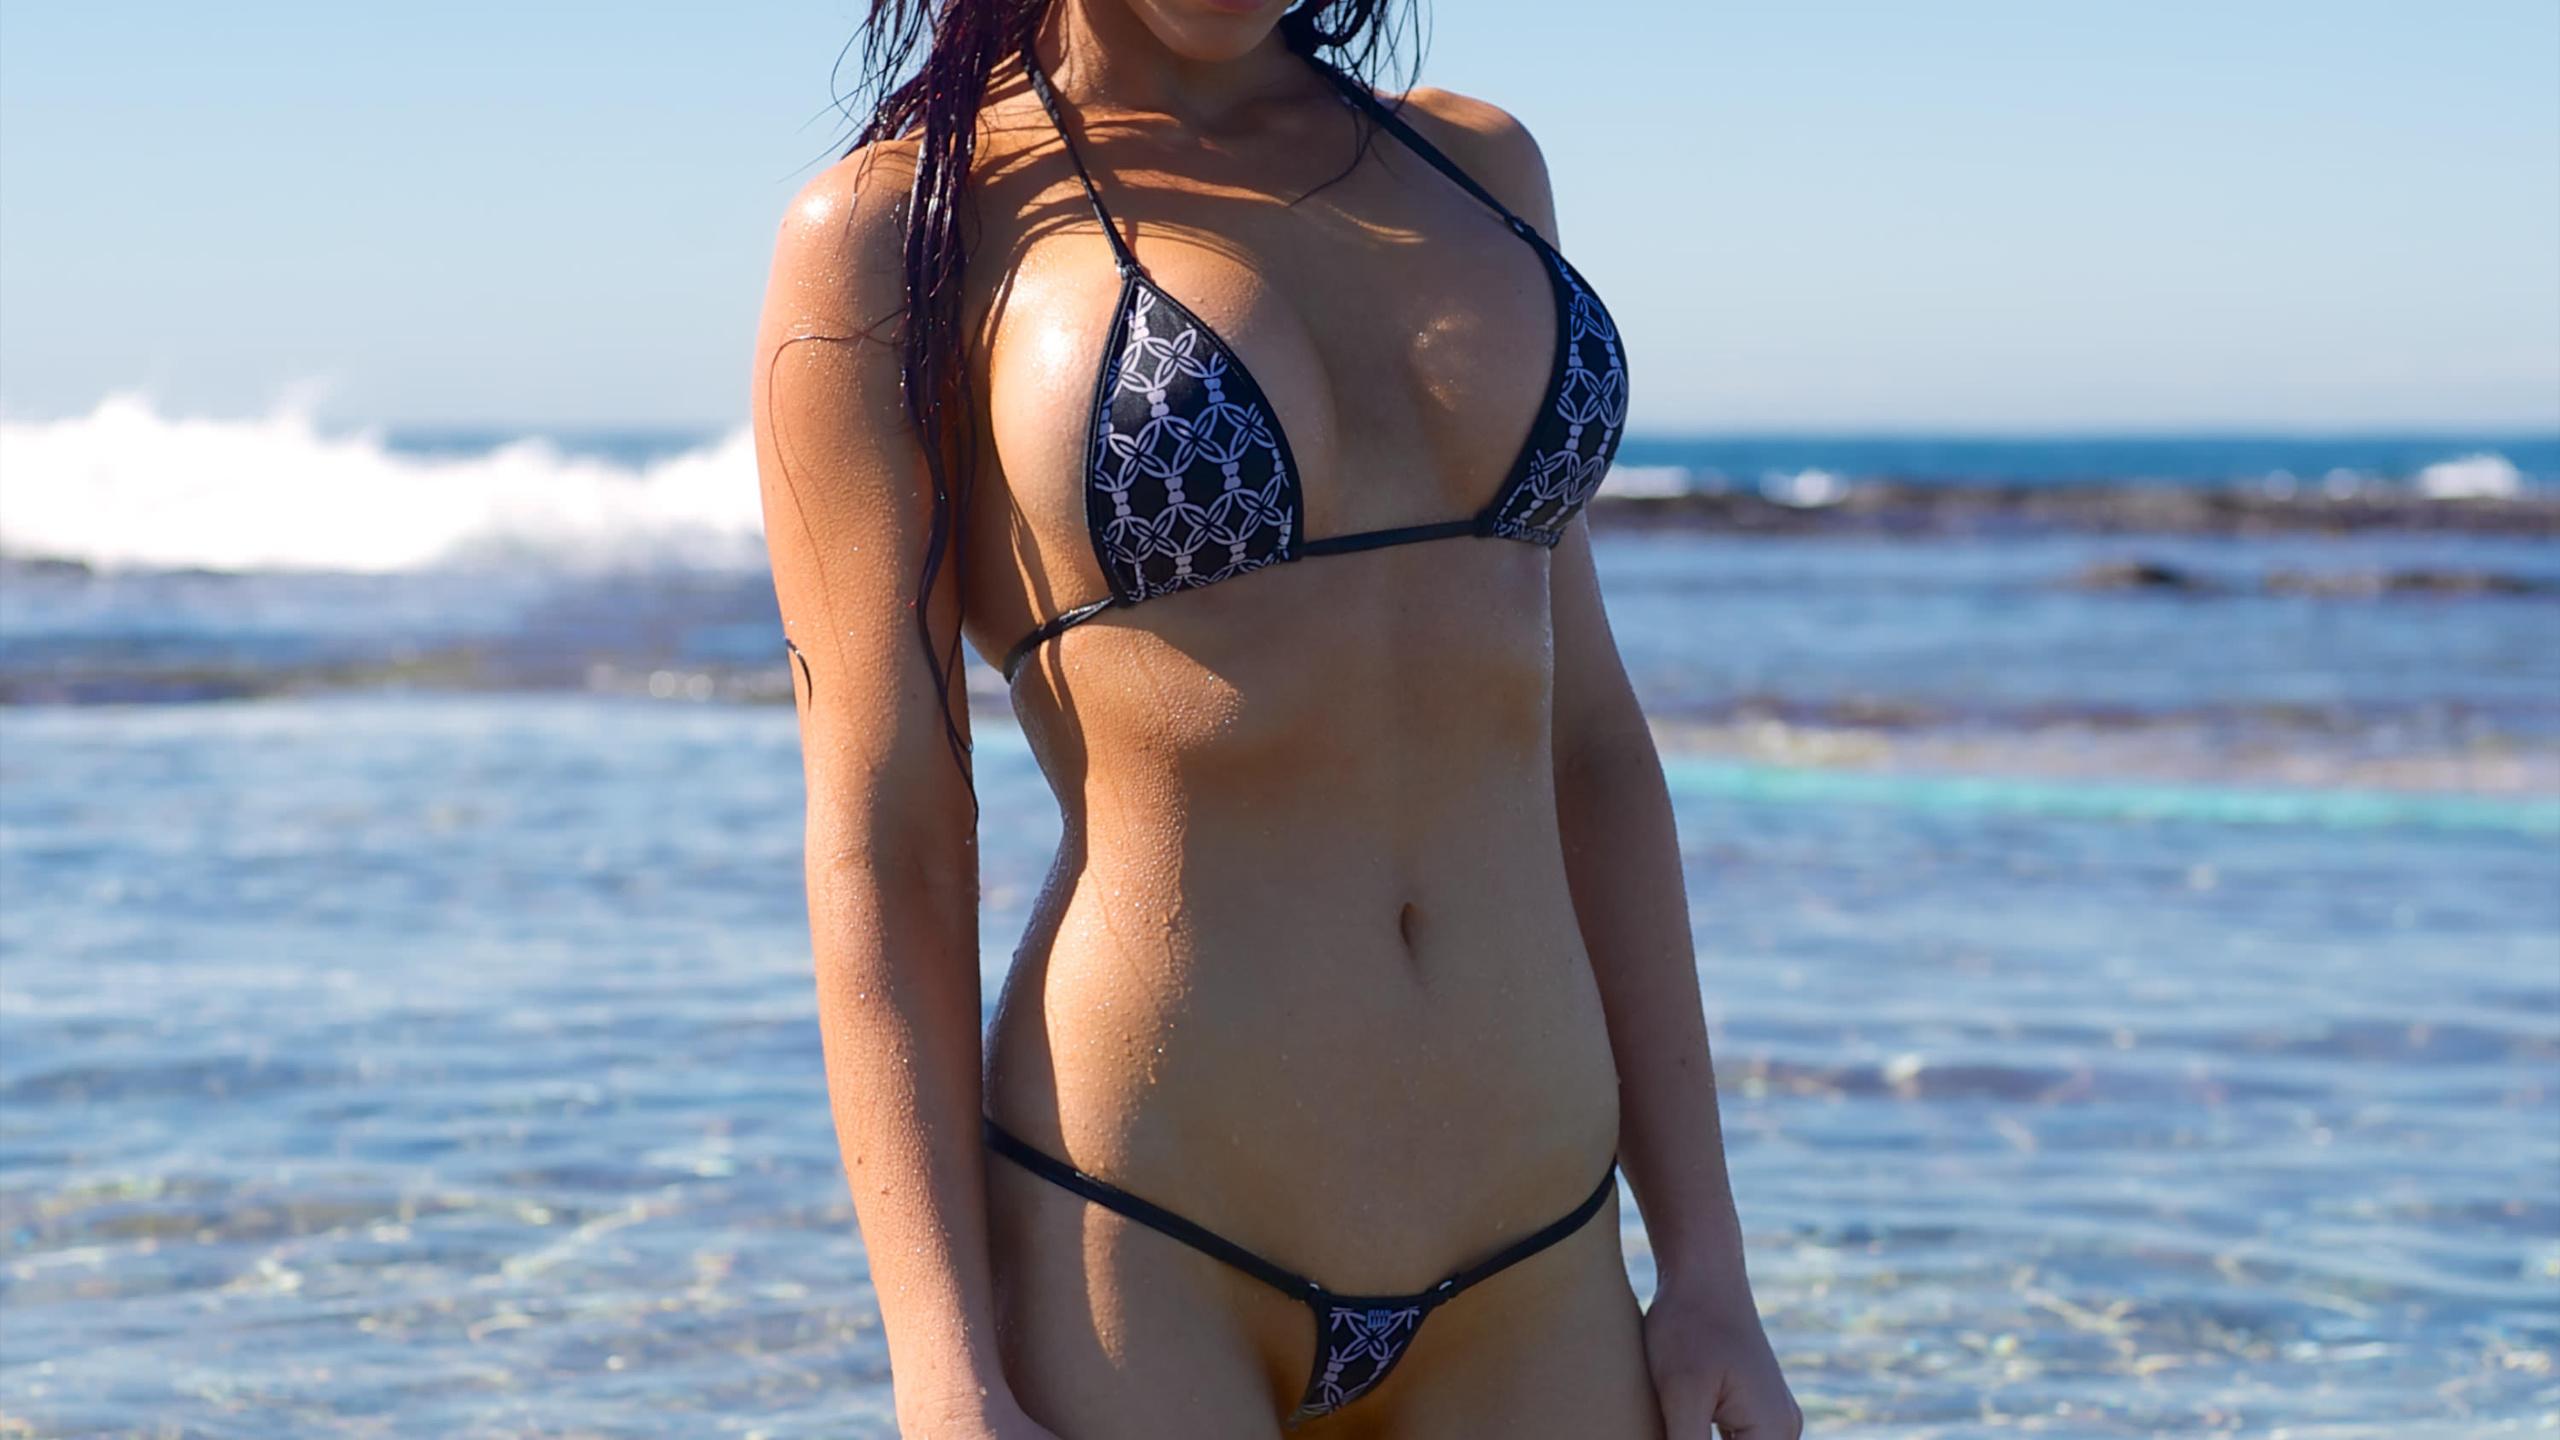 них старовойтову красивые девушки в купальниках стринги на пляже видео временем лика